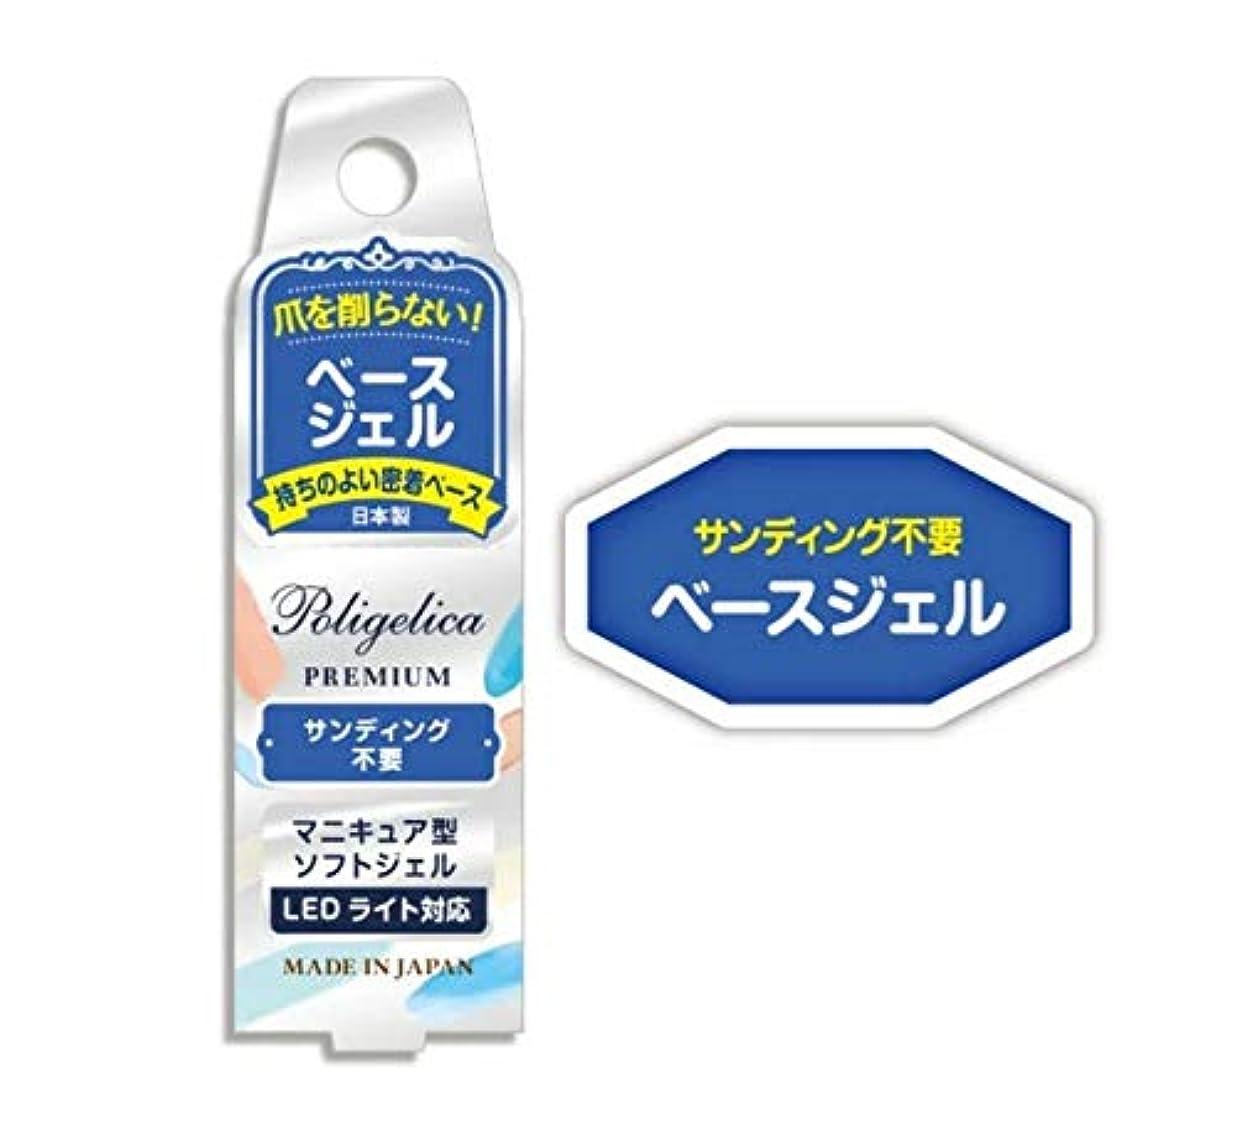 集中的なヒロイン上級BWポリジェリカ プレミアムベースジェル 6g APGB1001 日本製 ソフト ジェル ネイル サンディング不要 爪 密着 マニキュア型